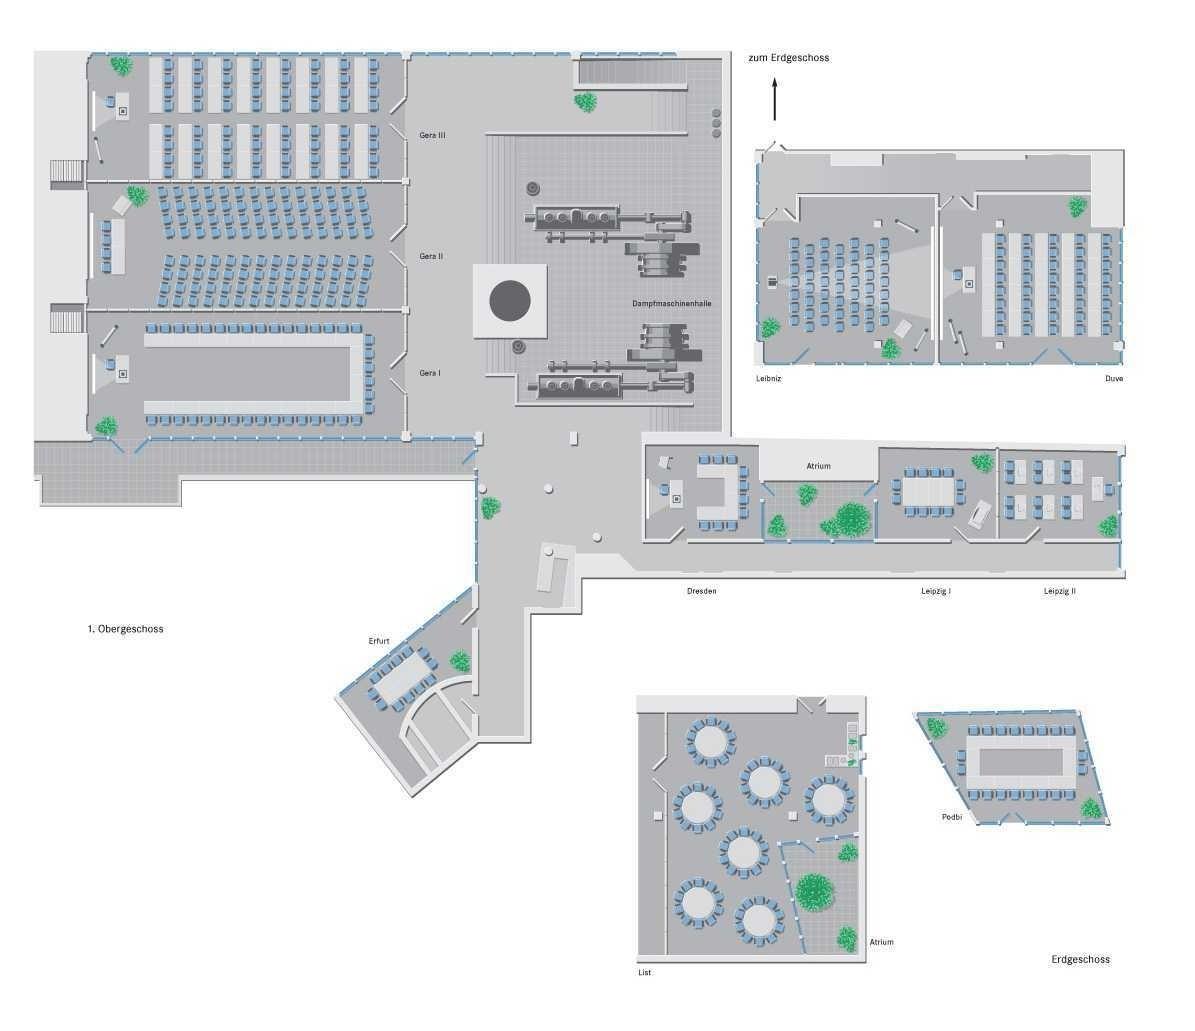 Novotel Hannover-Übersichtsplan Tagungsräume